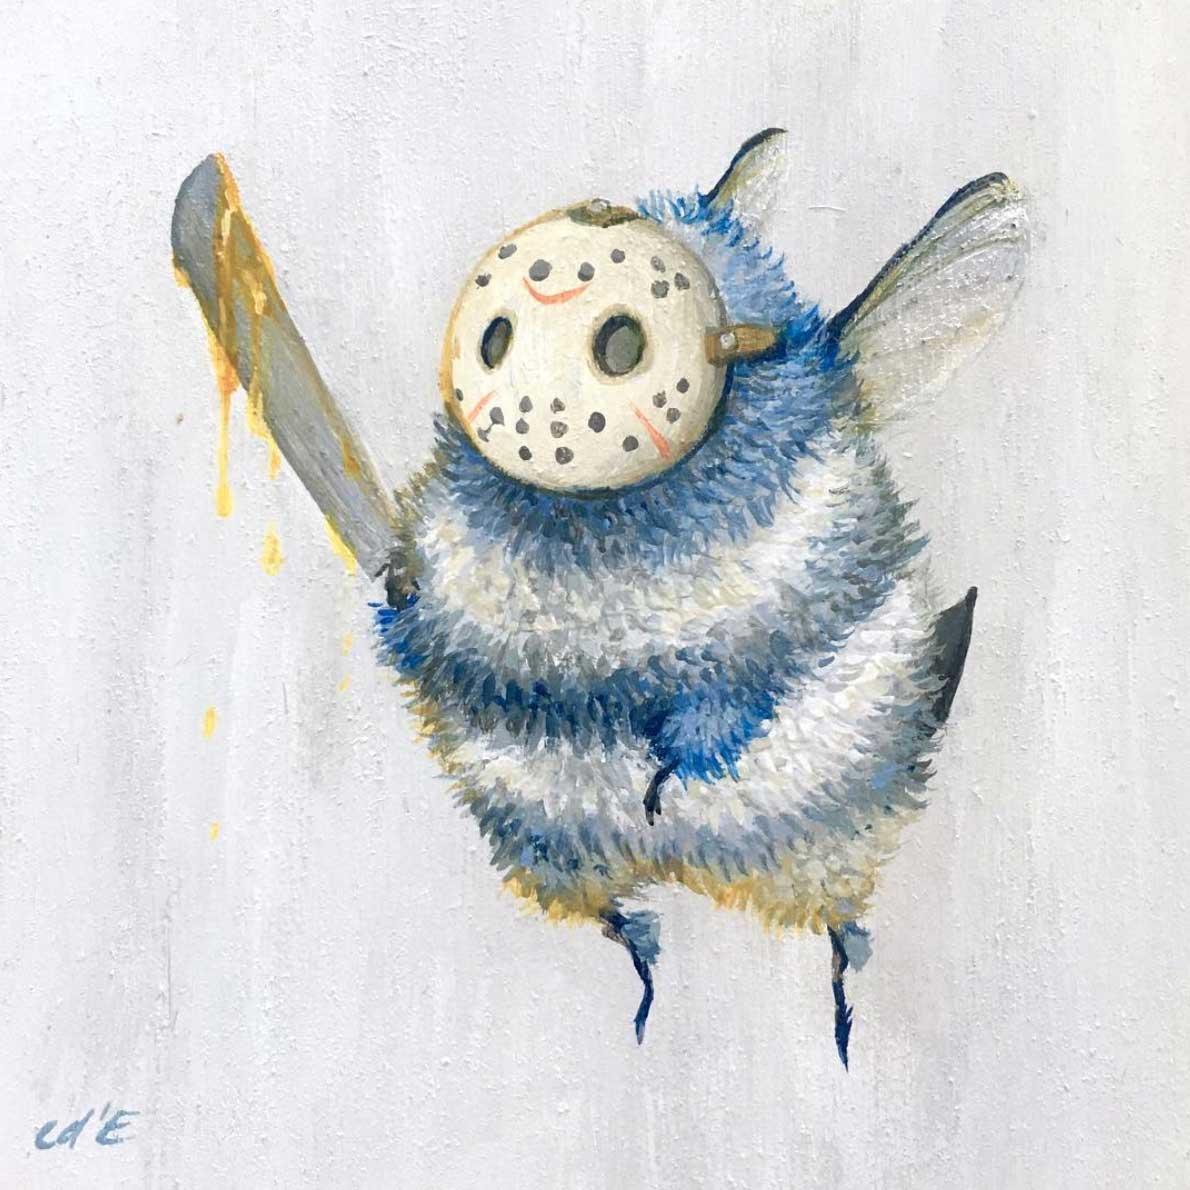 Als Bienen gemalte Popkulturfiguren popkulturbienen-von-Camilla-dErrico_11